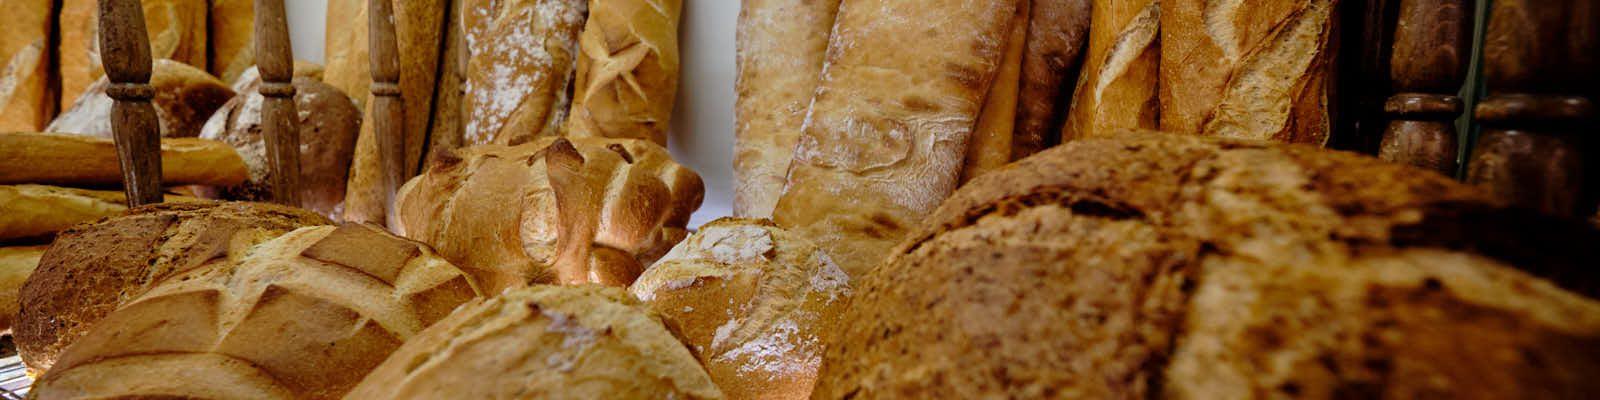 Ca la Txell, forn de pa, pastisseria